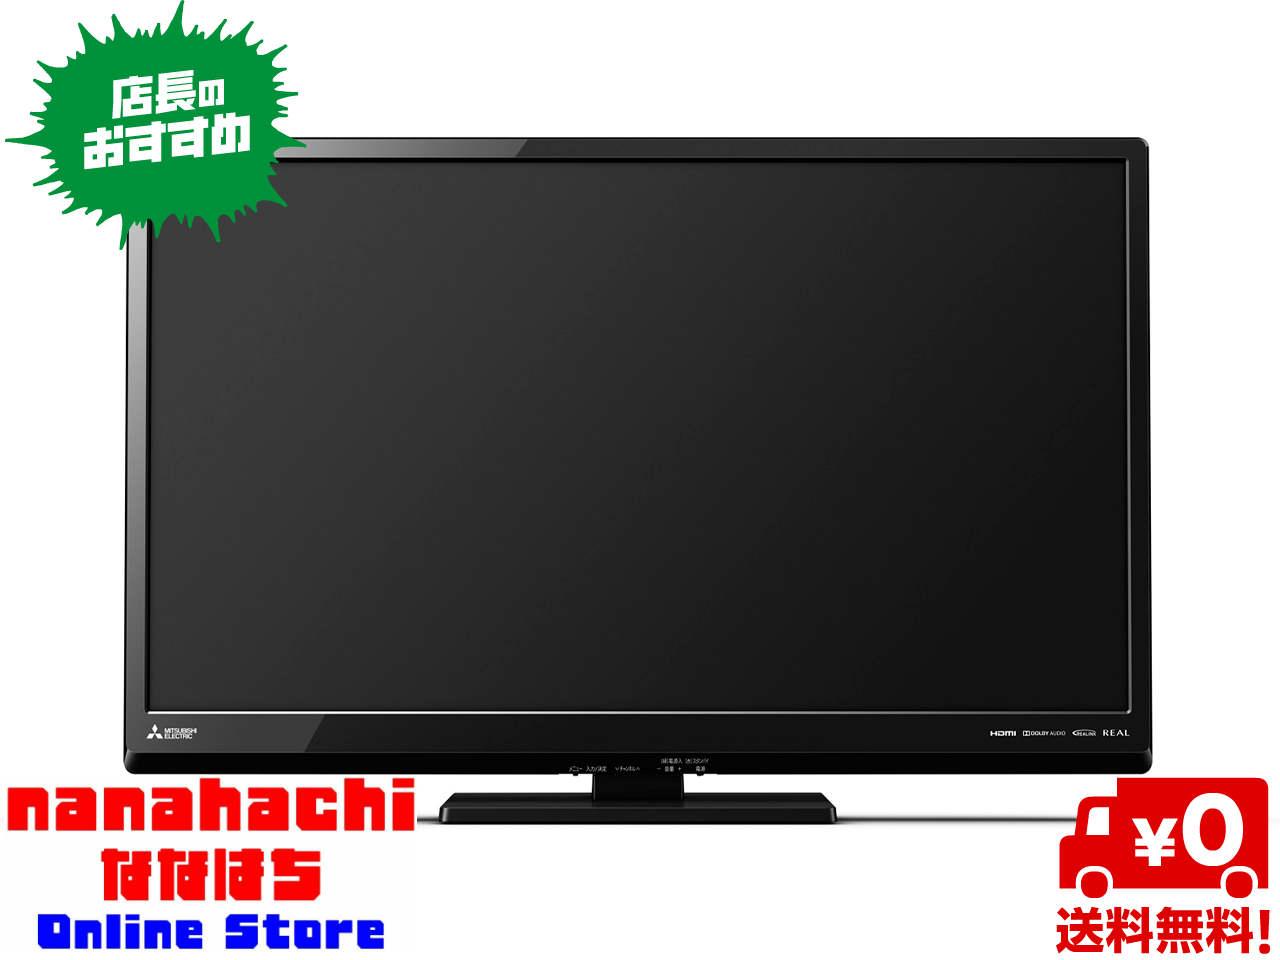 【送料無料】MITSUBISHI 三菱 REAL LB8 LCD-32LB8 ネットワーク機能も充実した省エネLED液晶テレビ■しゃべるテレビ テレビが音声で操作をアシスト■180°スイーベル機能 180°テレビ画面を動かすことができます